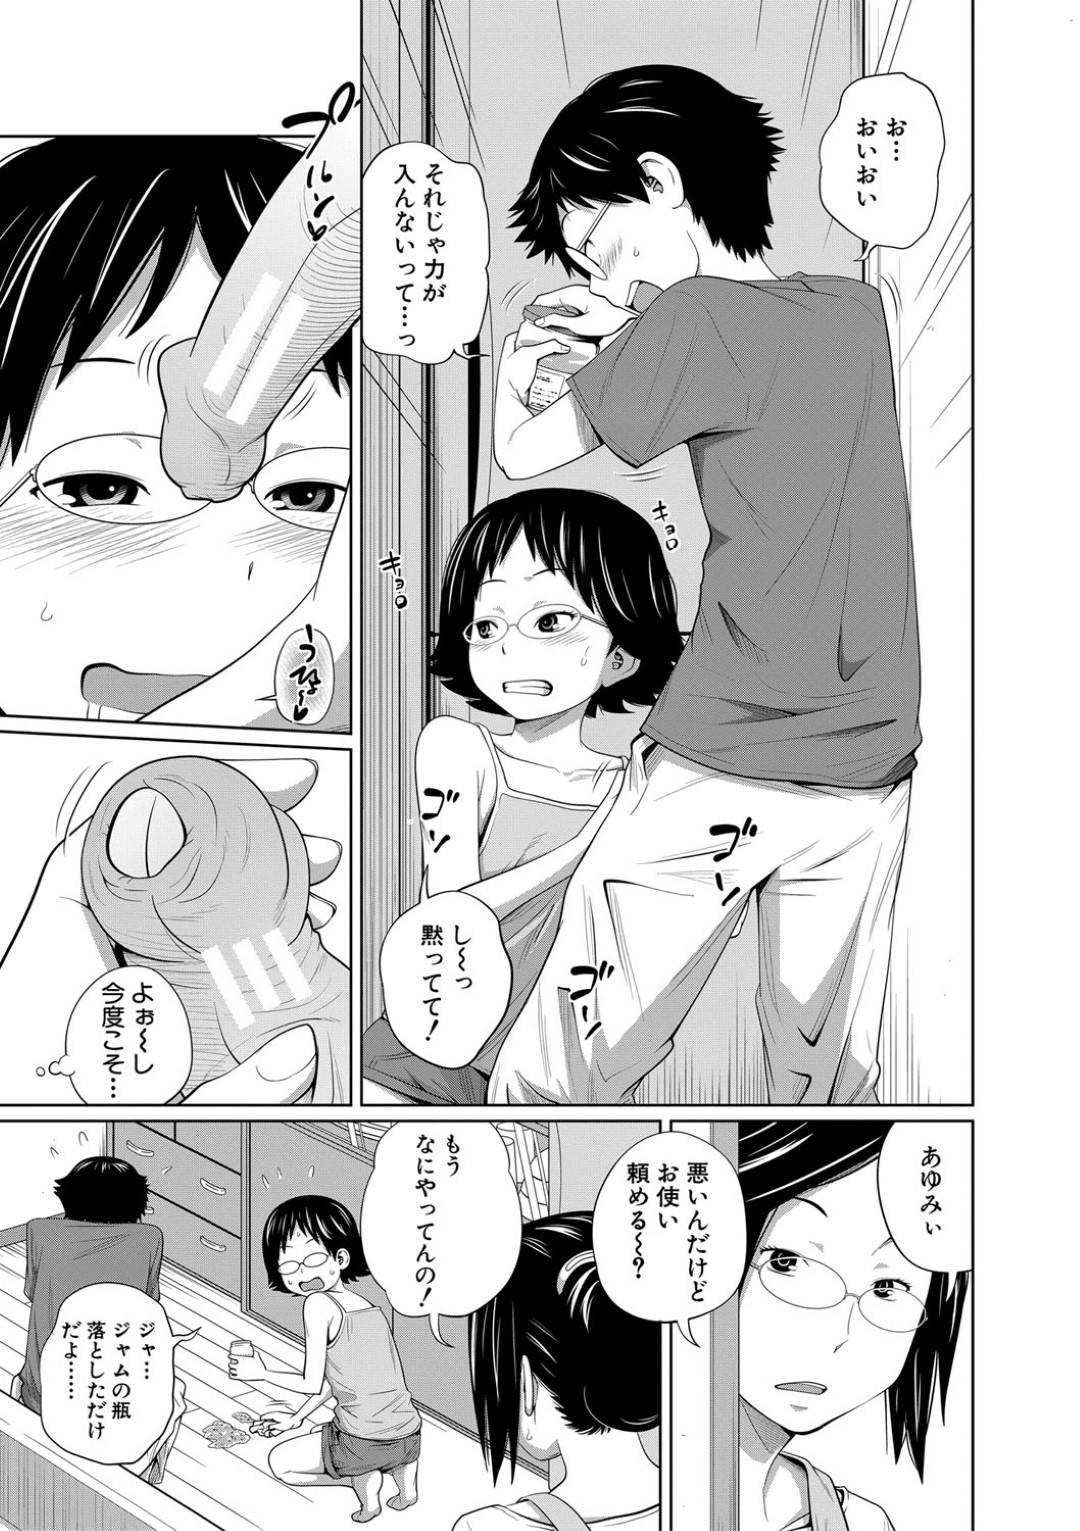 【エロ漫画】兄と友だちの家で2人きりになった眼鏡妹。誰もいない状況に発情した彼女は人の家にも関わらず、兄を誘惑してはフェラしたり、クンニさせたりし、更にはチンポを生挿入させて近親相姦する!